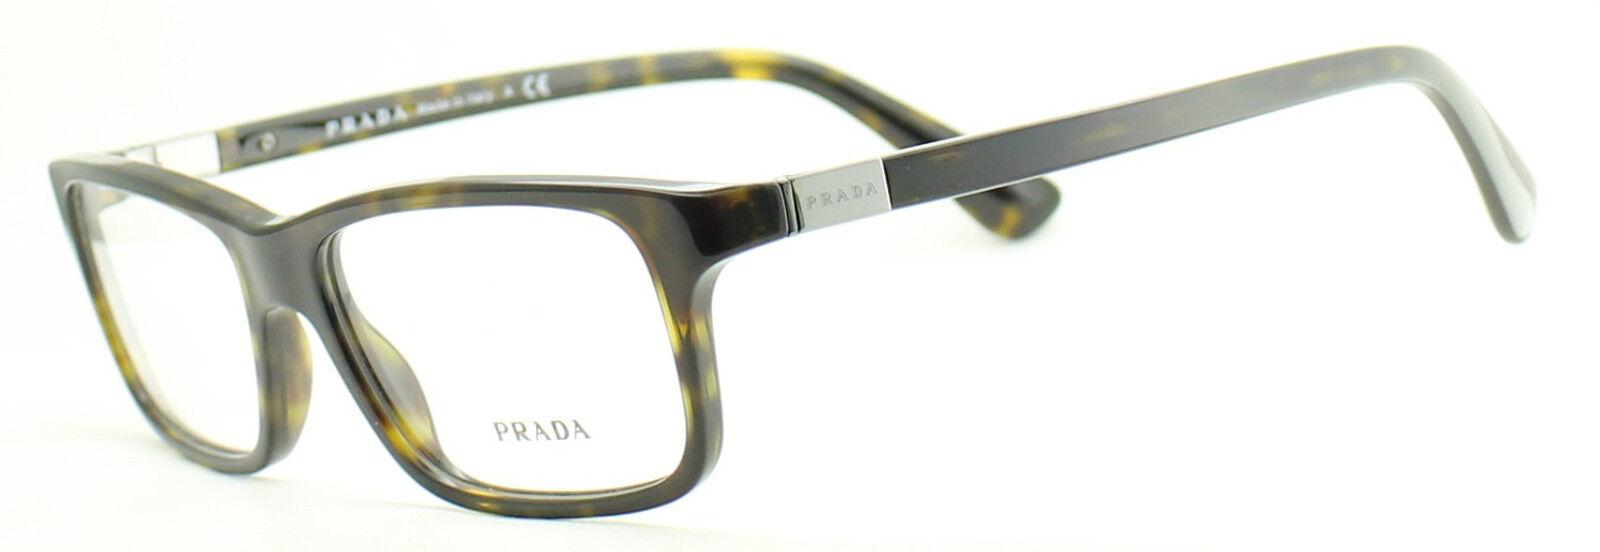 1556b42e03 PRADA VPR 06s 2au-1o1 54mm Eyewear Frames RX Optical Eyeglasses ...